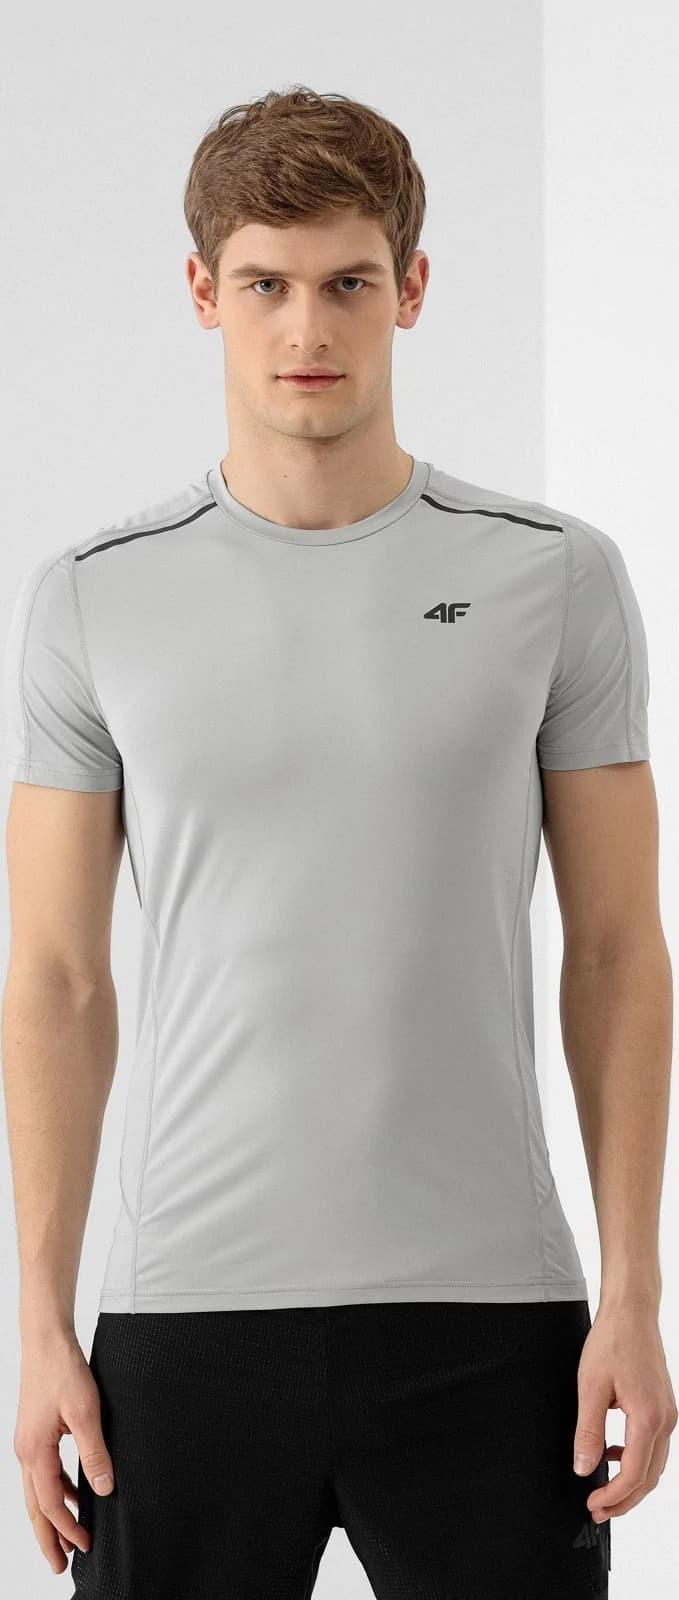 Pánské běžecké tričko 4F TSMF010 Šedé